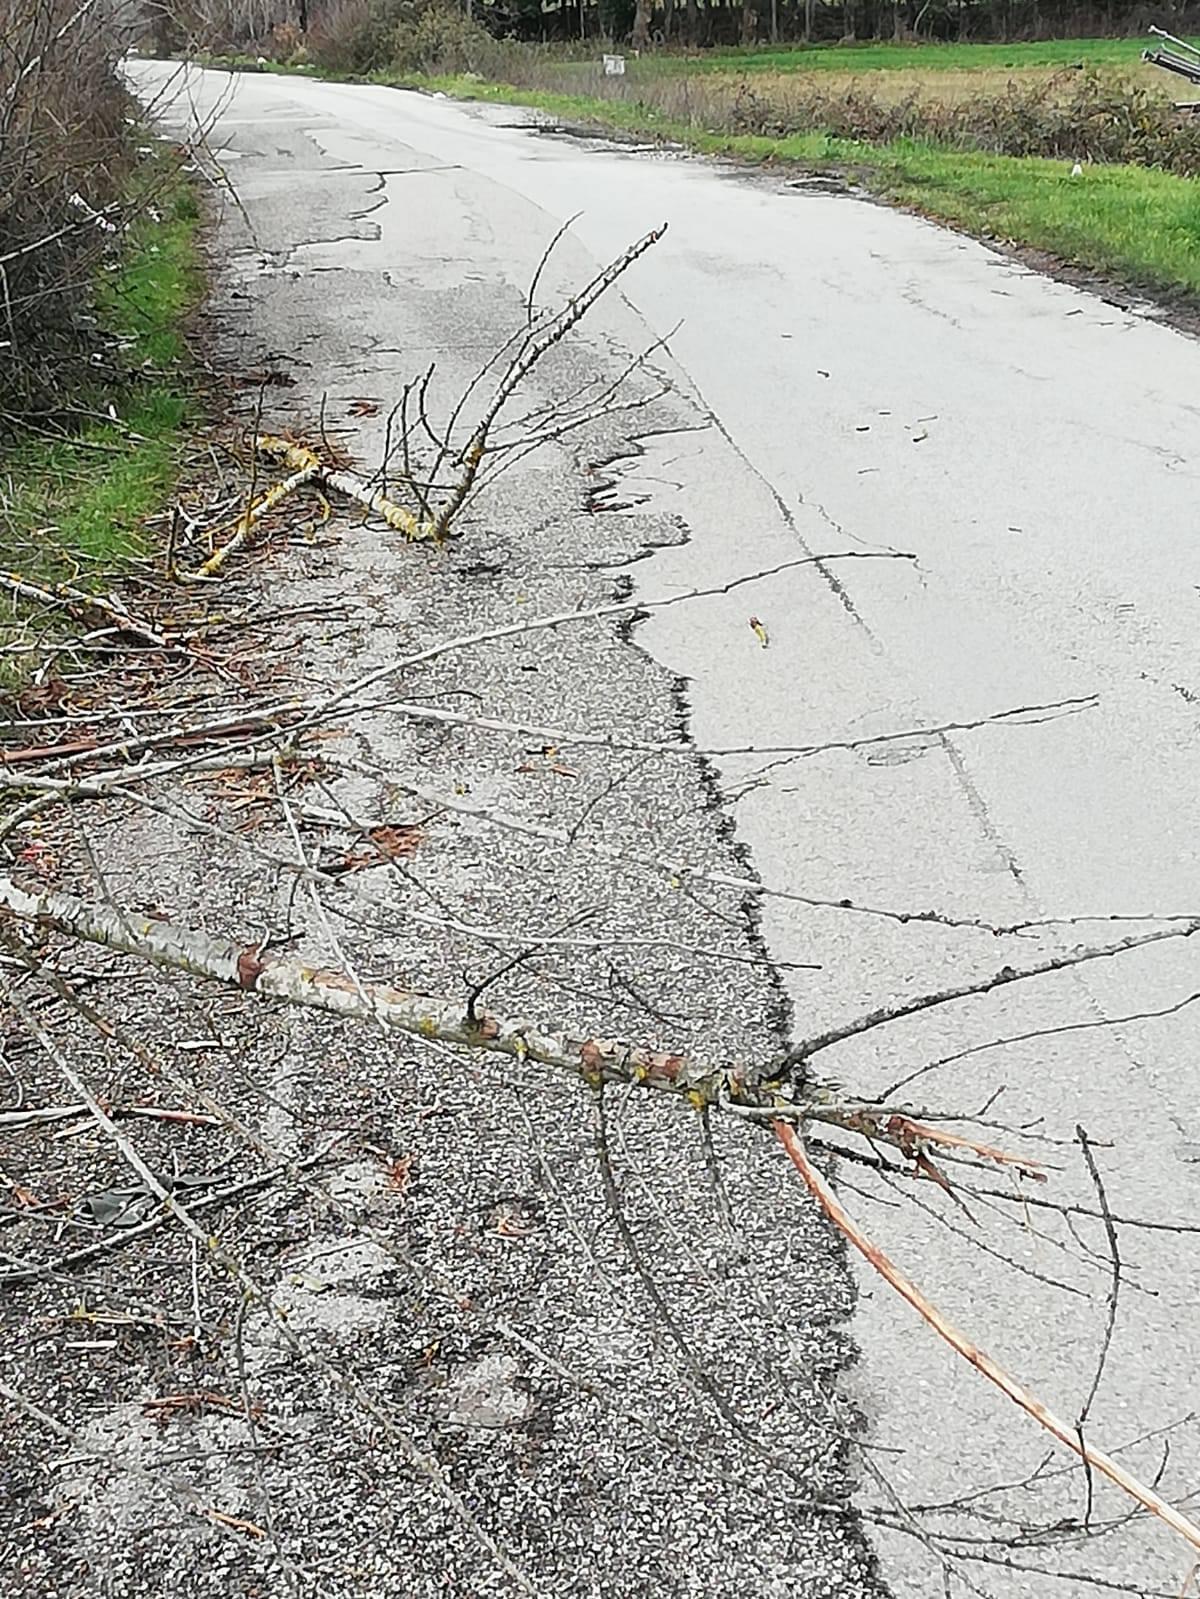 Segnalazione d'intervento su strada Via dei Mercuri pericolosa ed abbandonata al suo degrado